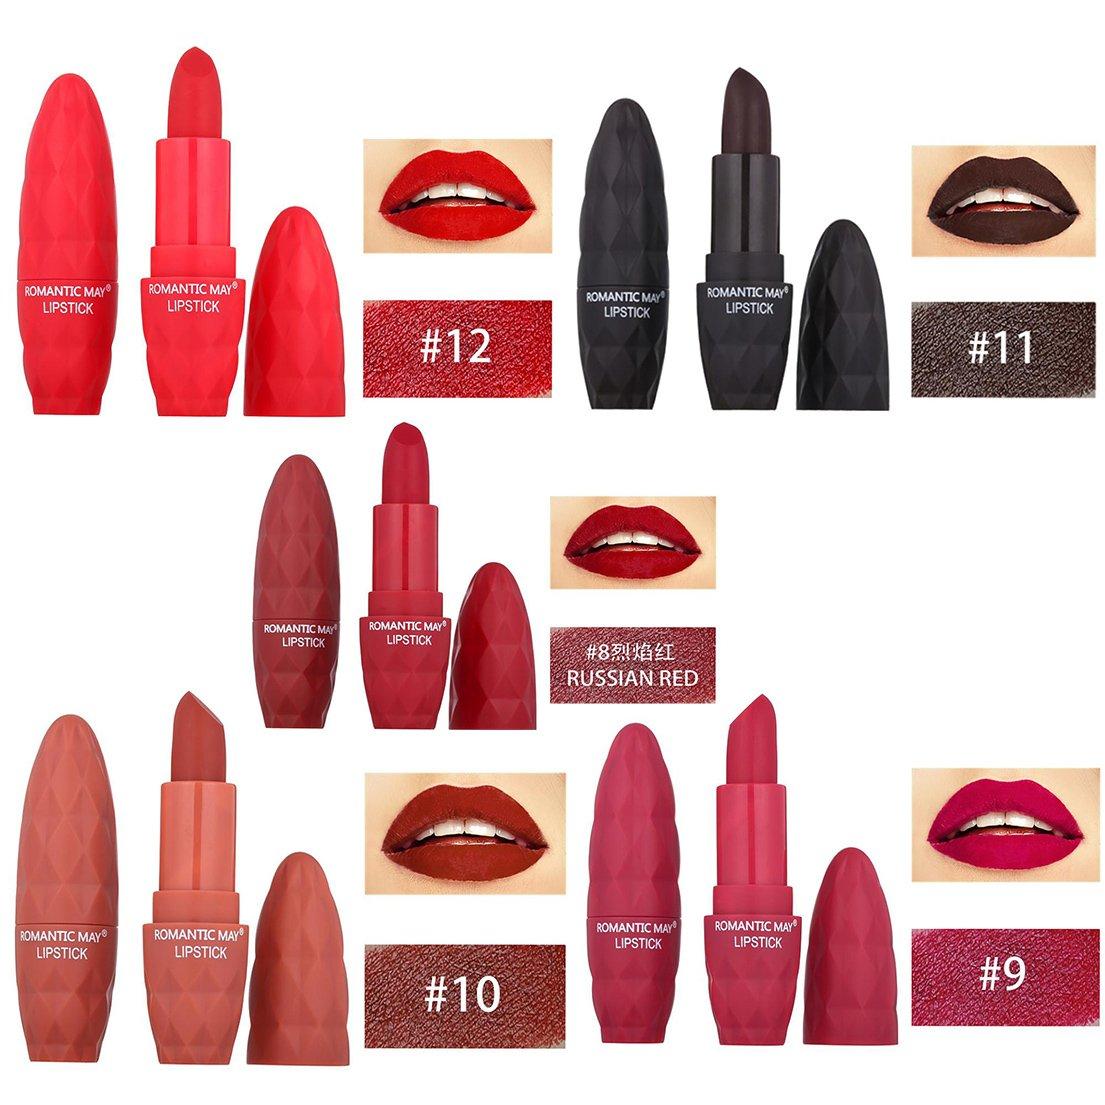 Alonea Matte Lipstick, Women Lipstick Moisturizer Matte Lips Stick Long Lasting Charming Lipstick 12 Pack❤️